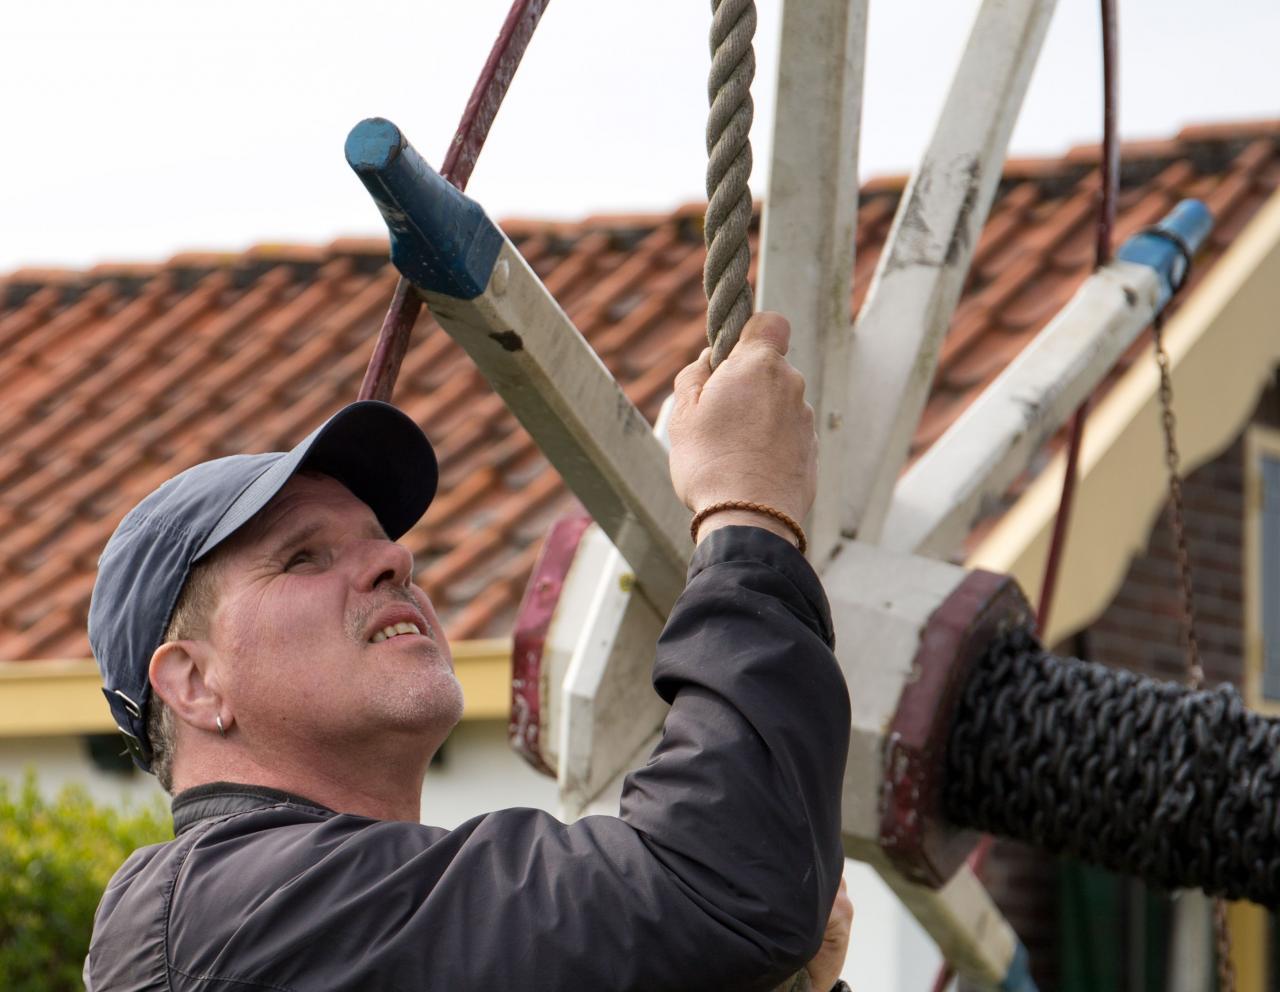 De molenaar in actie - foto: Anton  Haddeman. Overige foto's bij dit artikel: Rob Pols